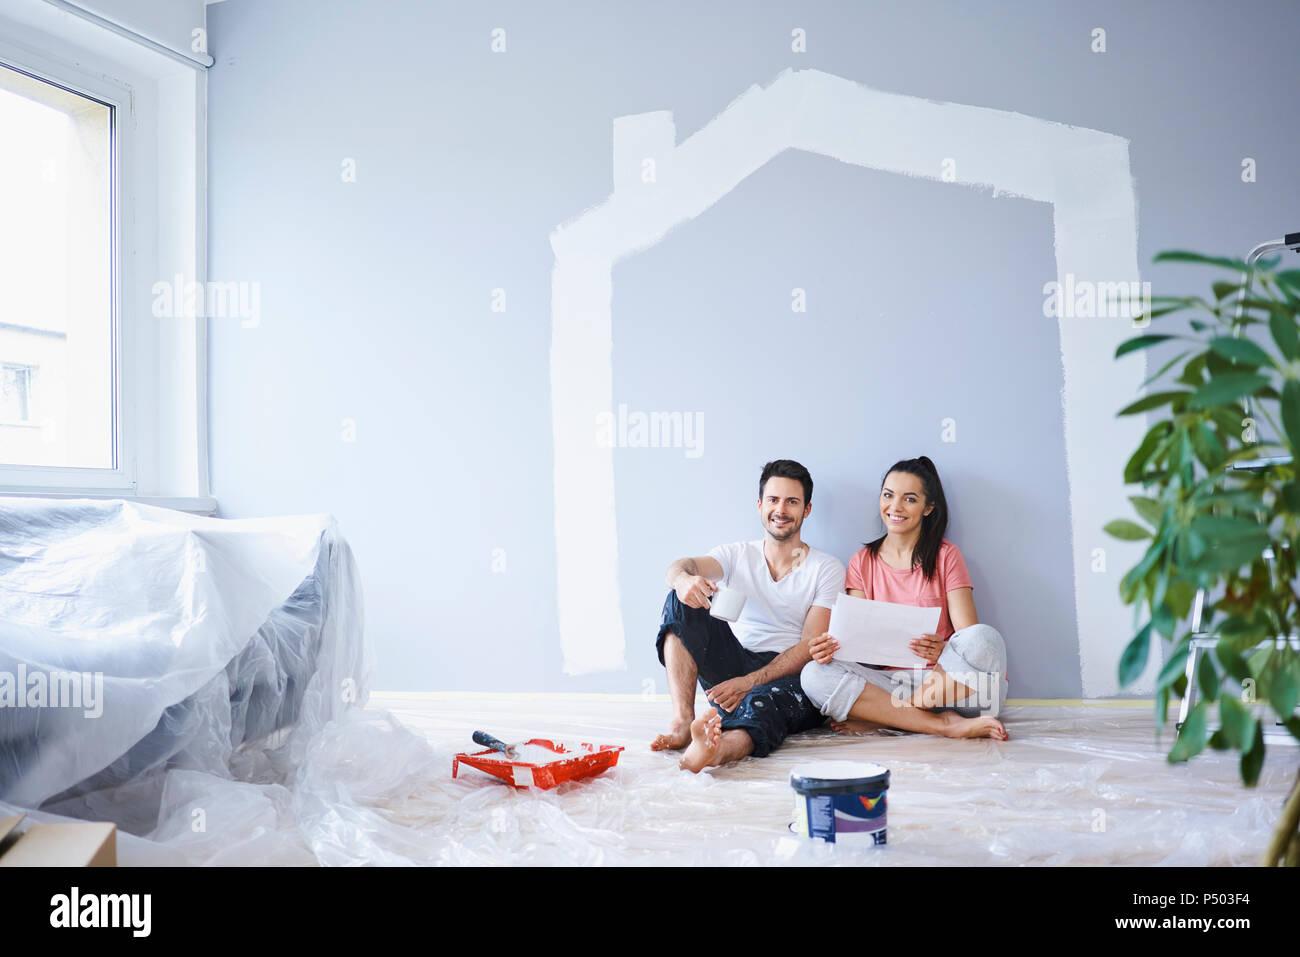 Nuove Pitture Per Appartamenti coppia felice prendendo break dalla pittura pareti in un